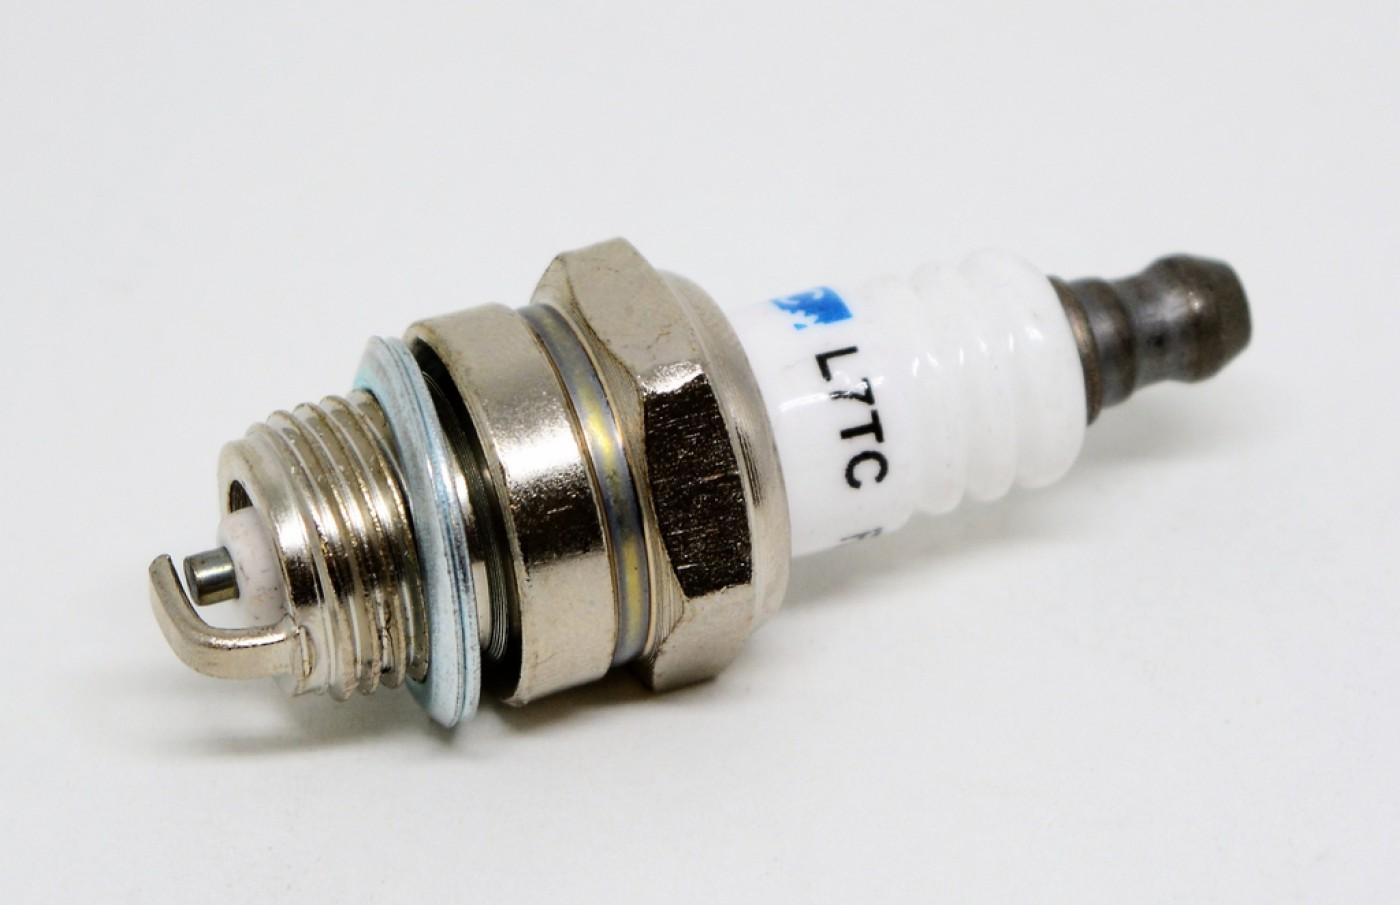 Zapalovací svíčka pro dvoutaktní motory